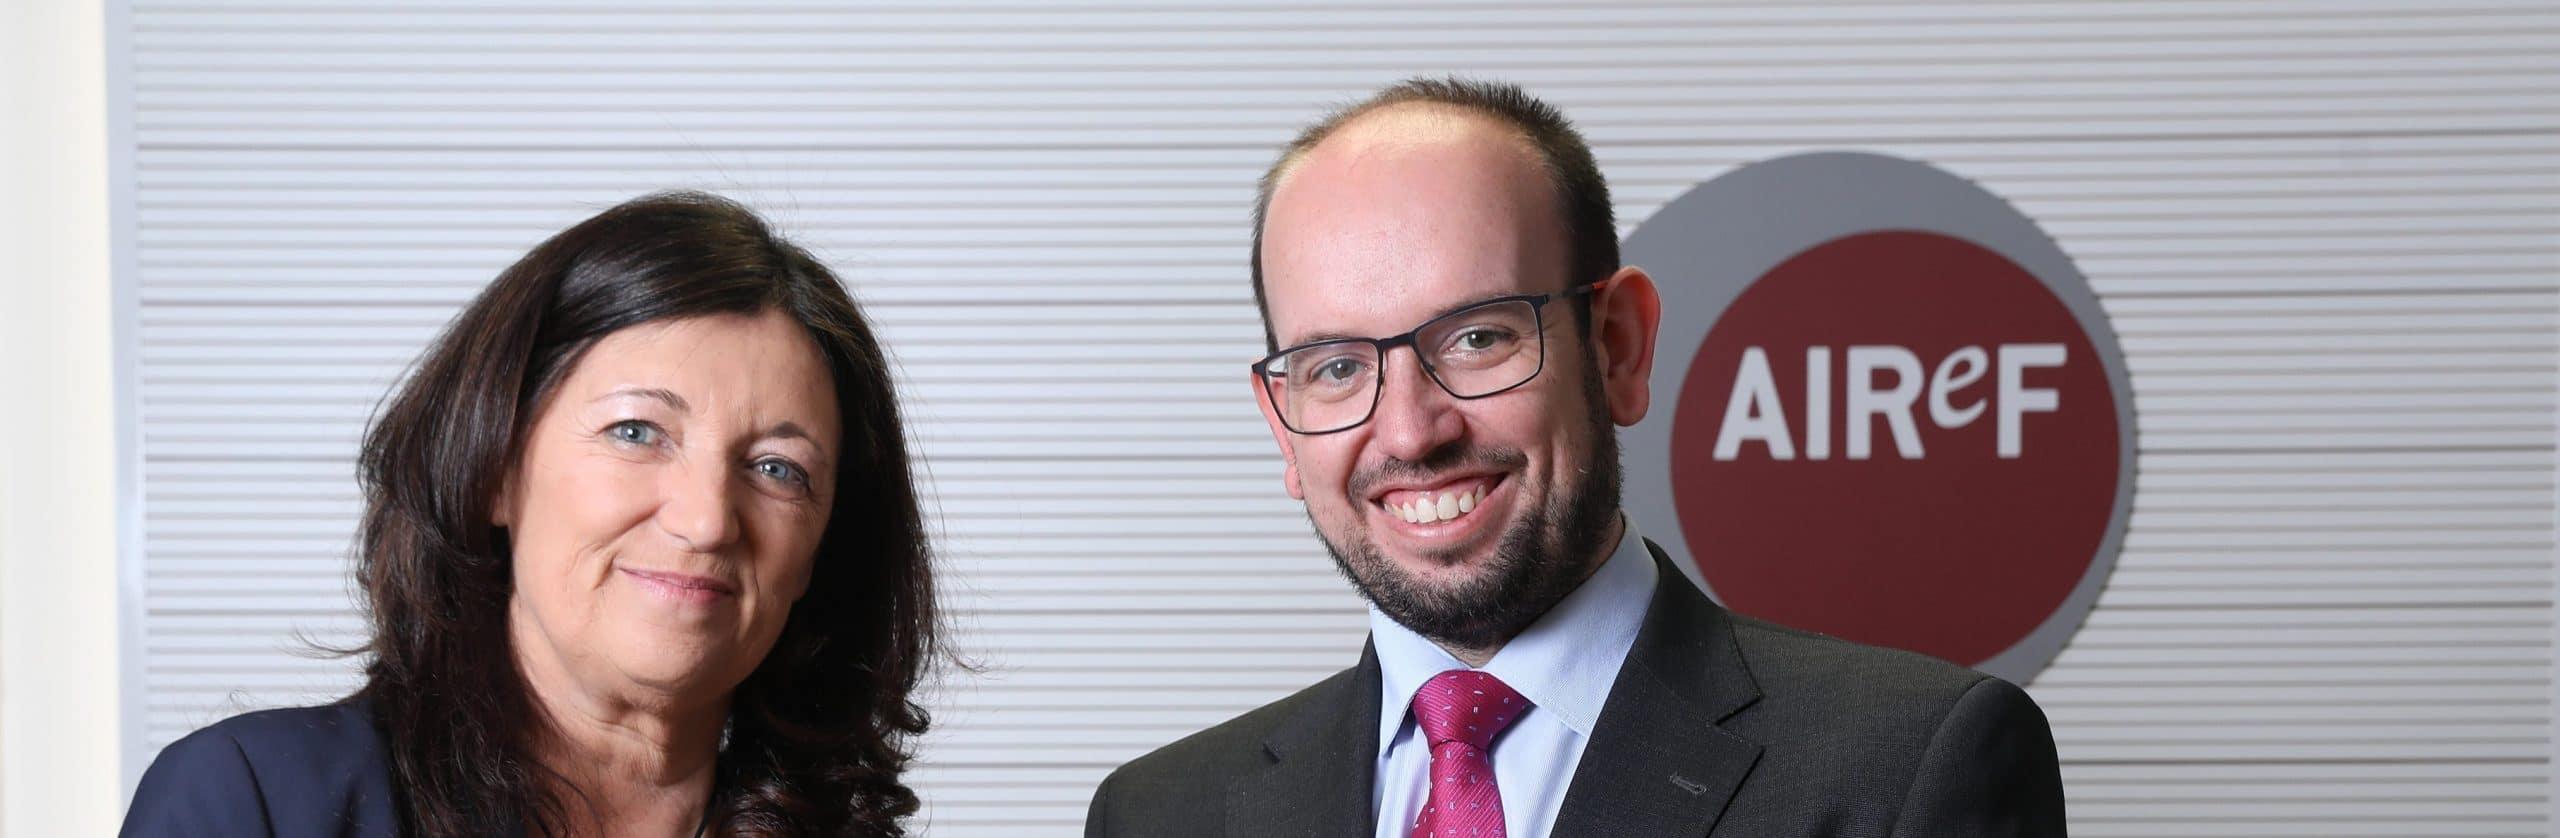 Ignacio Fernández-Huertas Moraga y Esther Gordo Mora